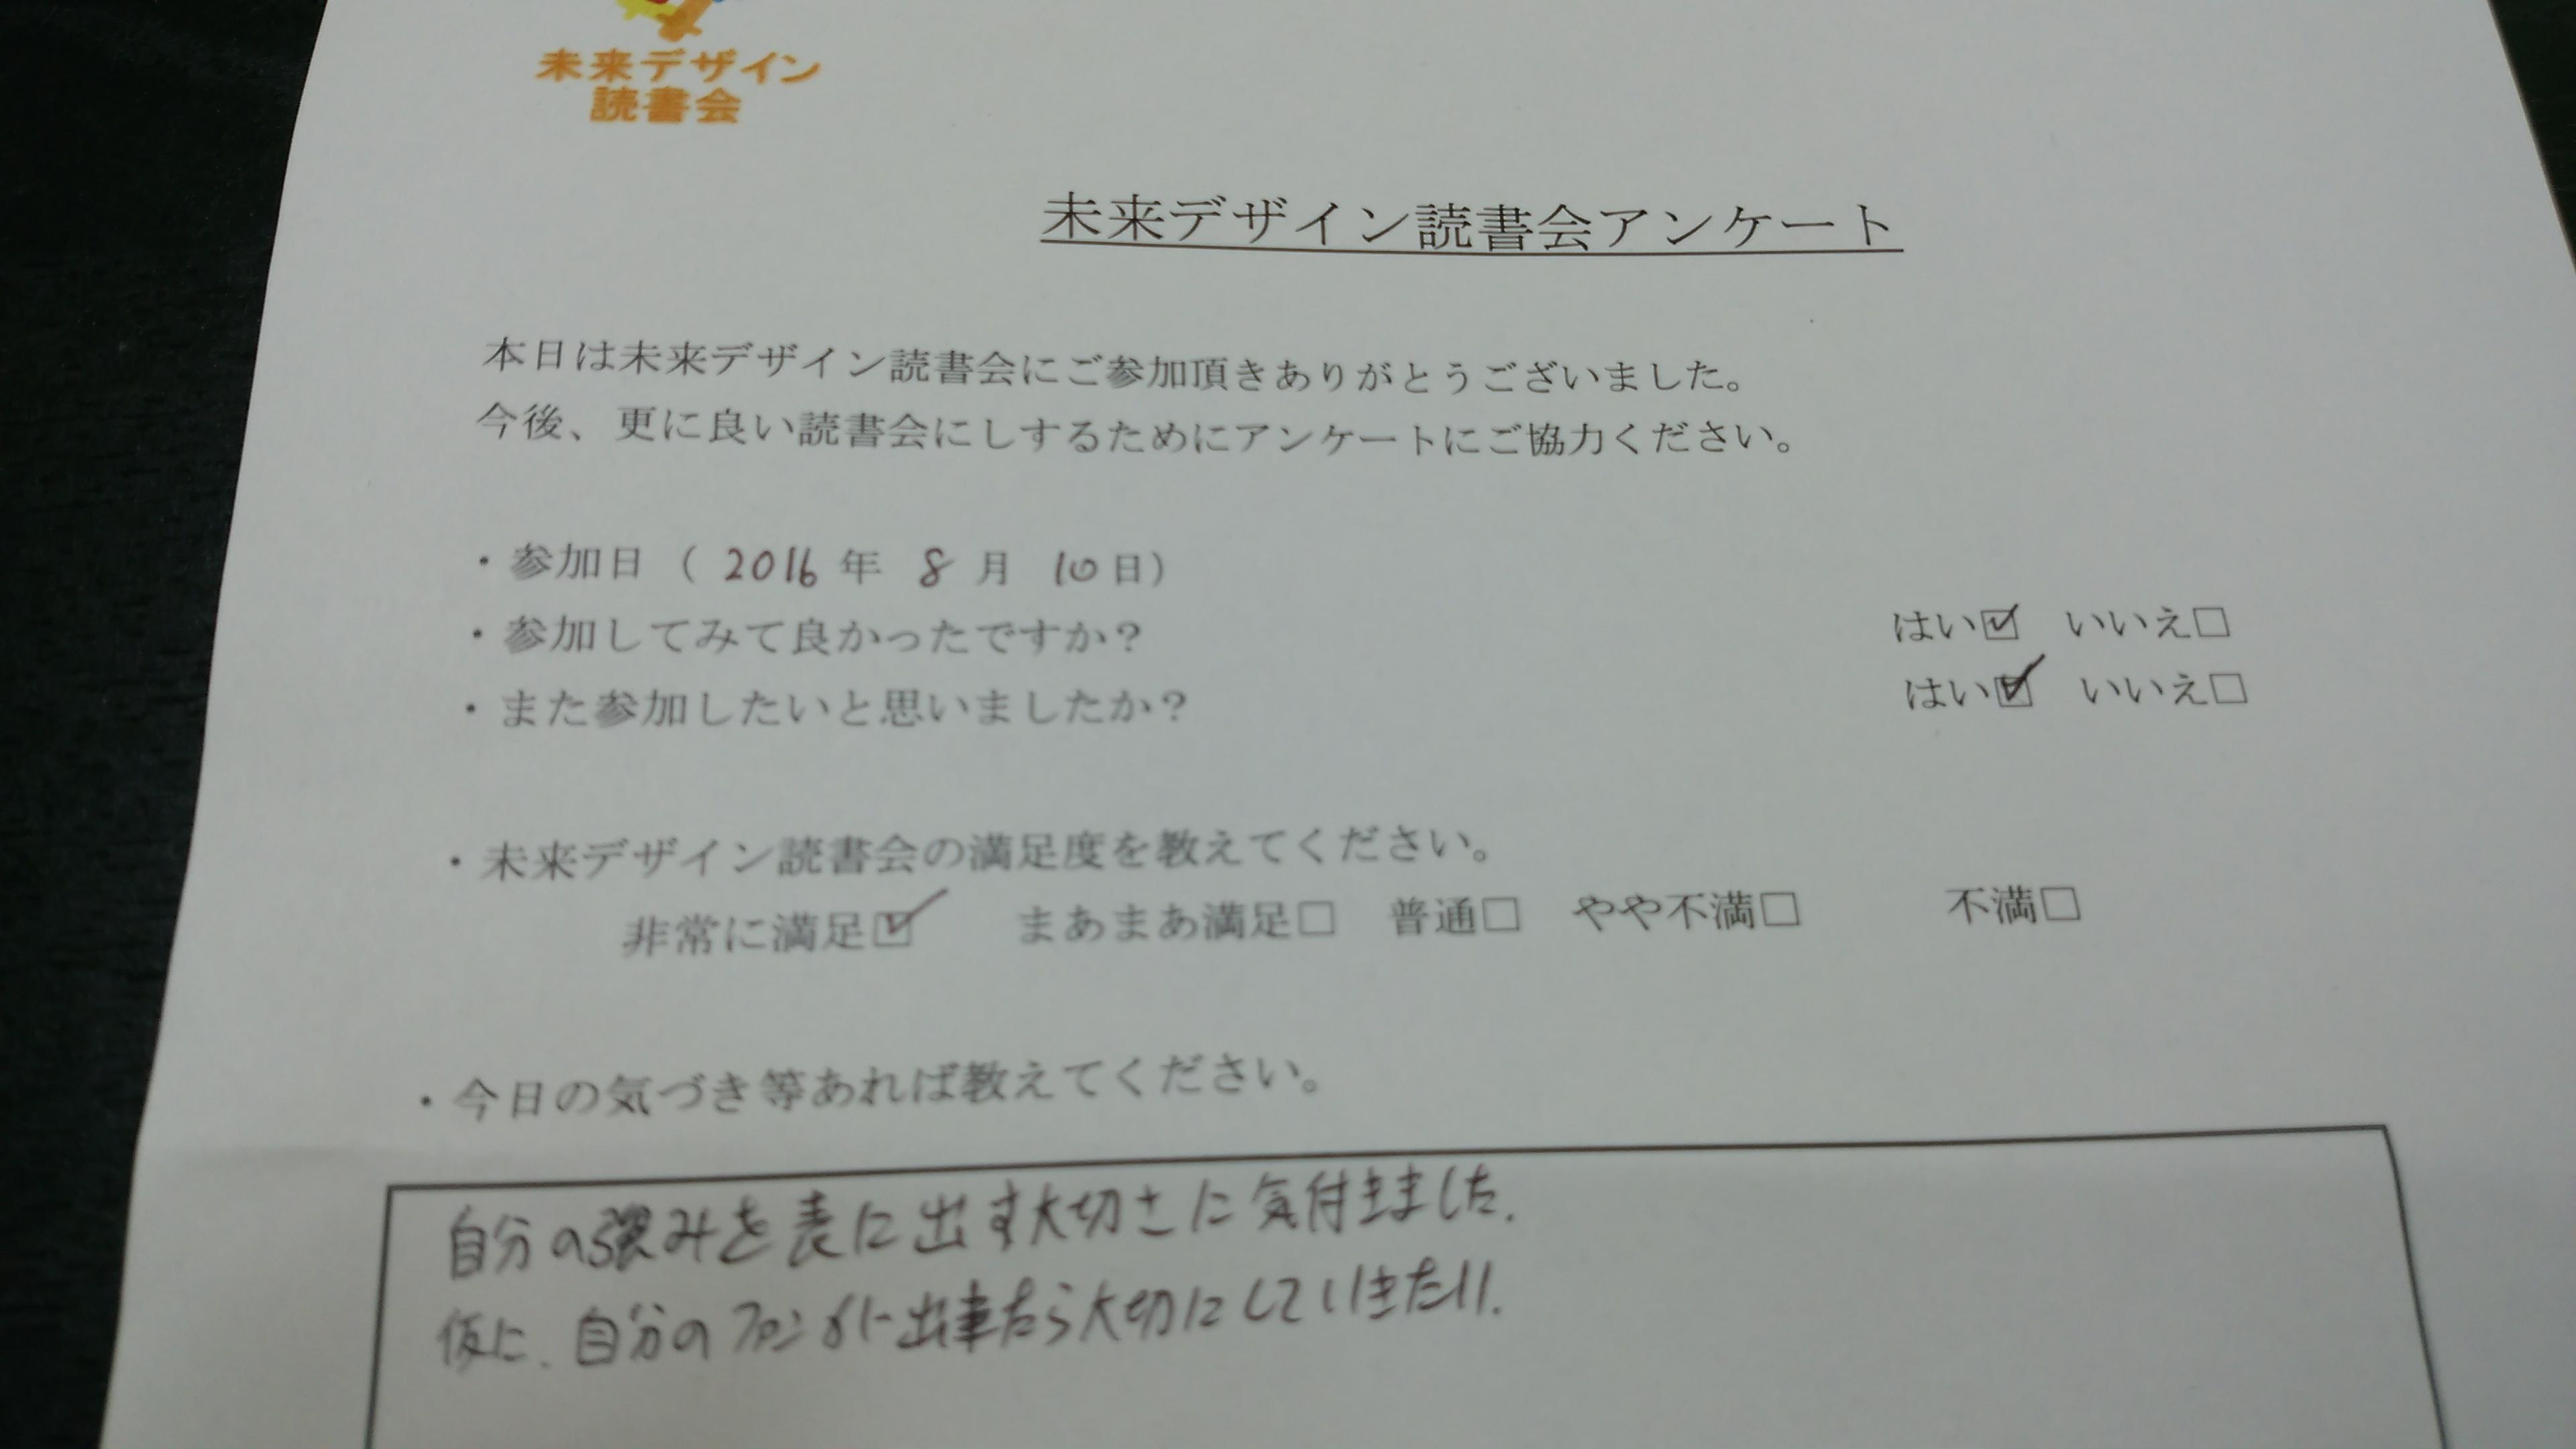 読書会アンケート①